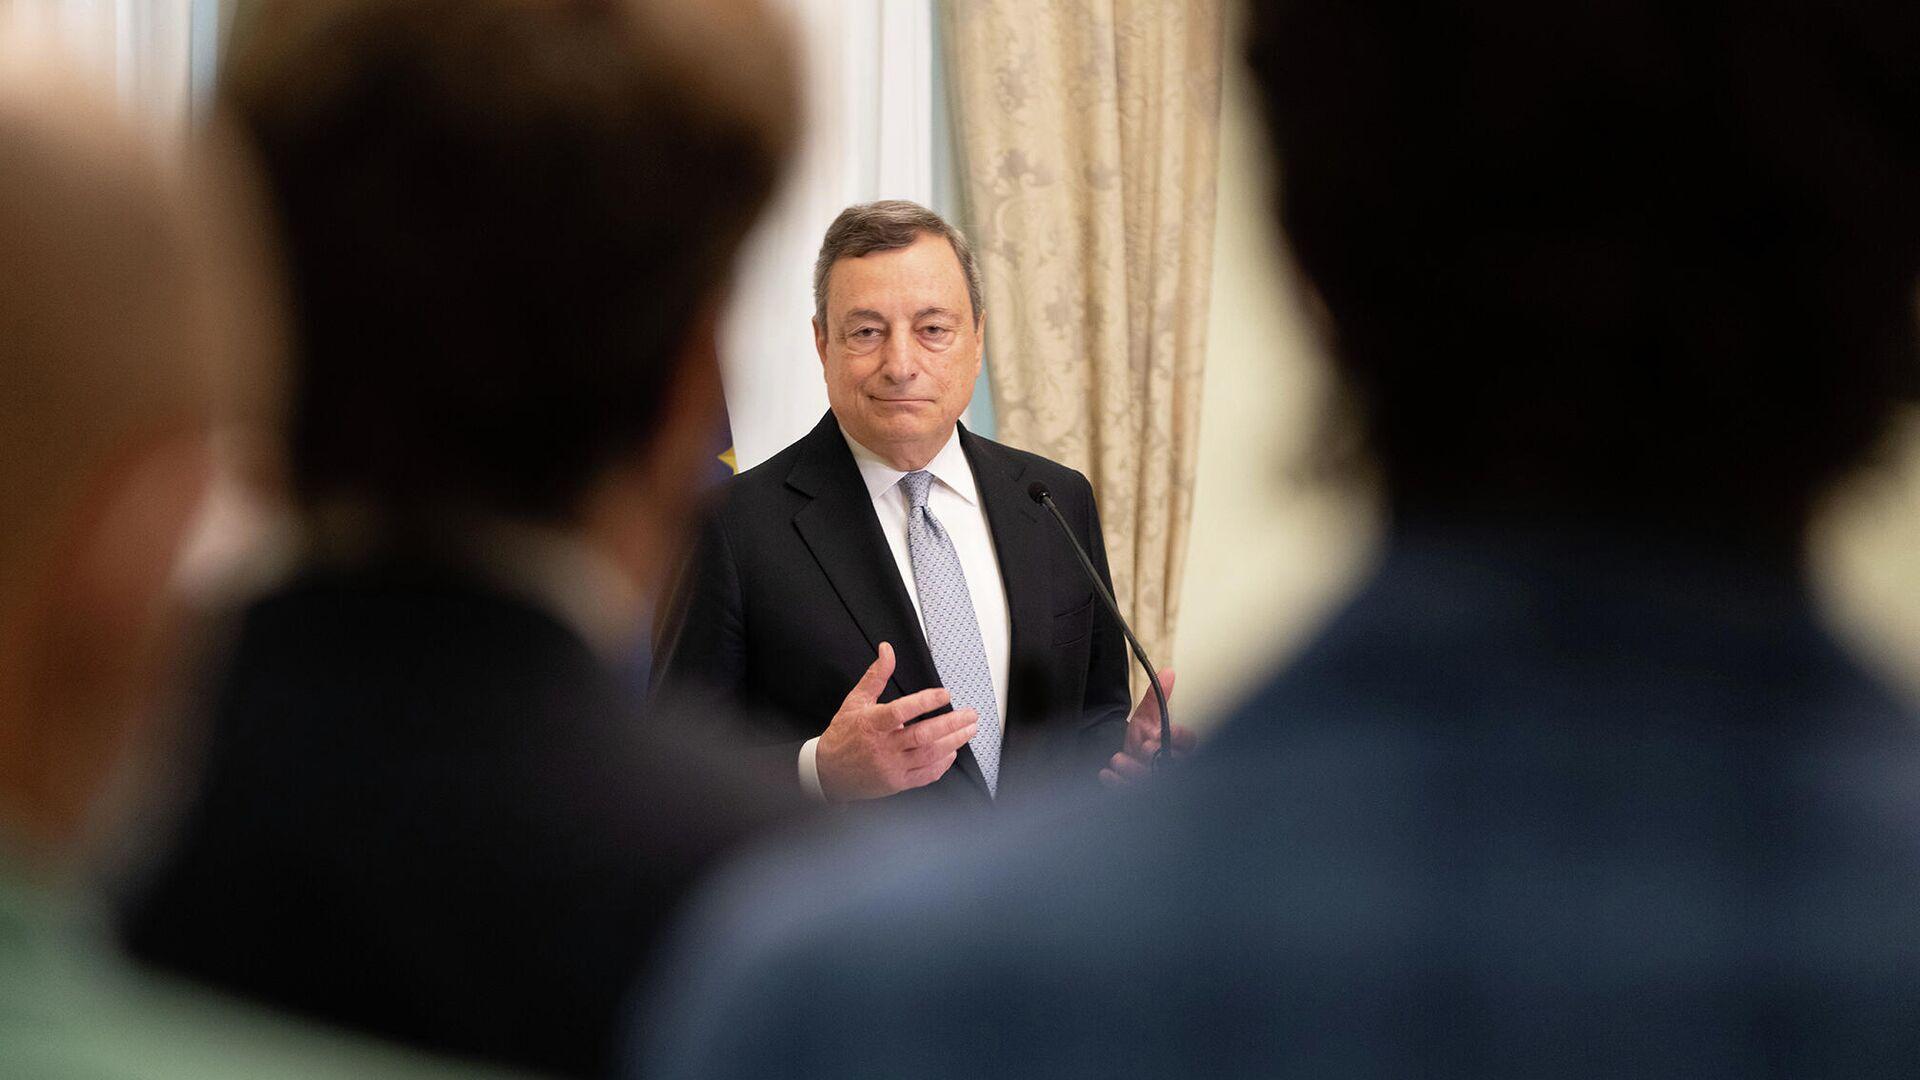 Il Premier Draghi incontra i giornalisti a Palazzo Chigi prima della pausa estiva - Sputnik Italia, 1920, 14.08.2021